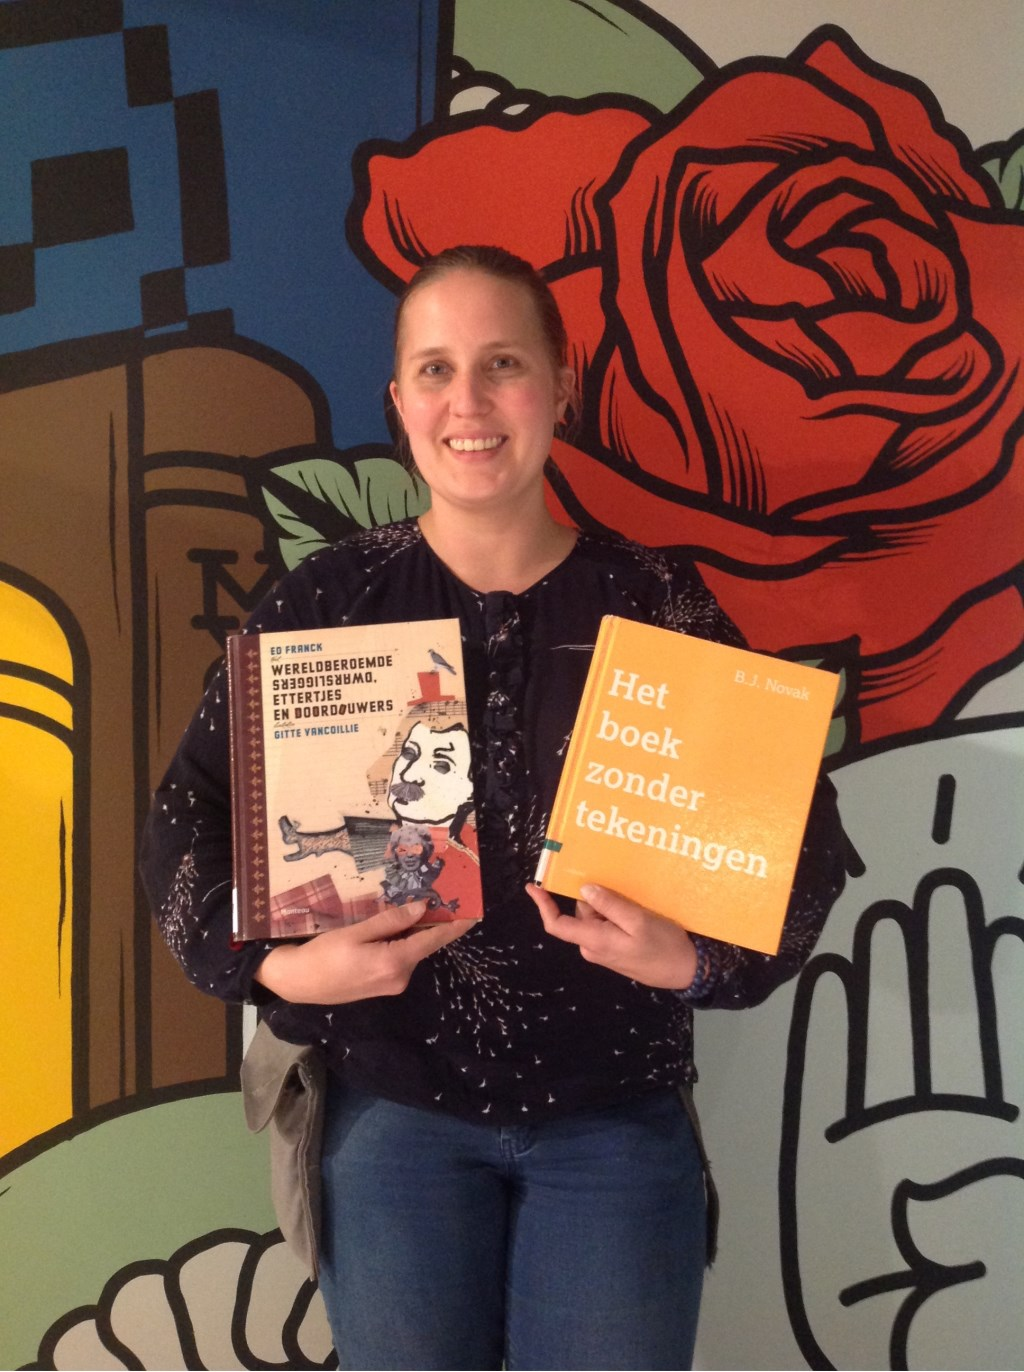 Eva Orta prijst weer twee toppers van jeugdboeken aan!